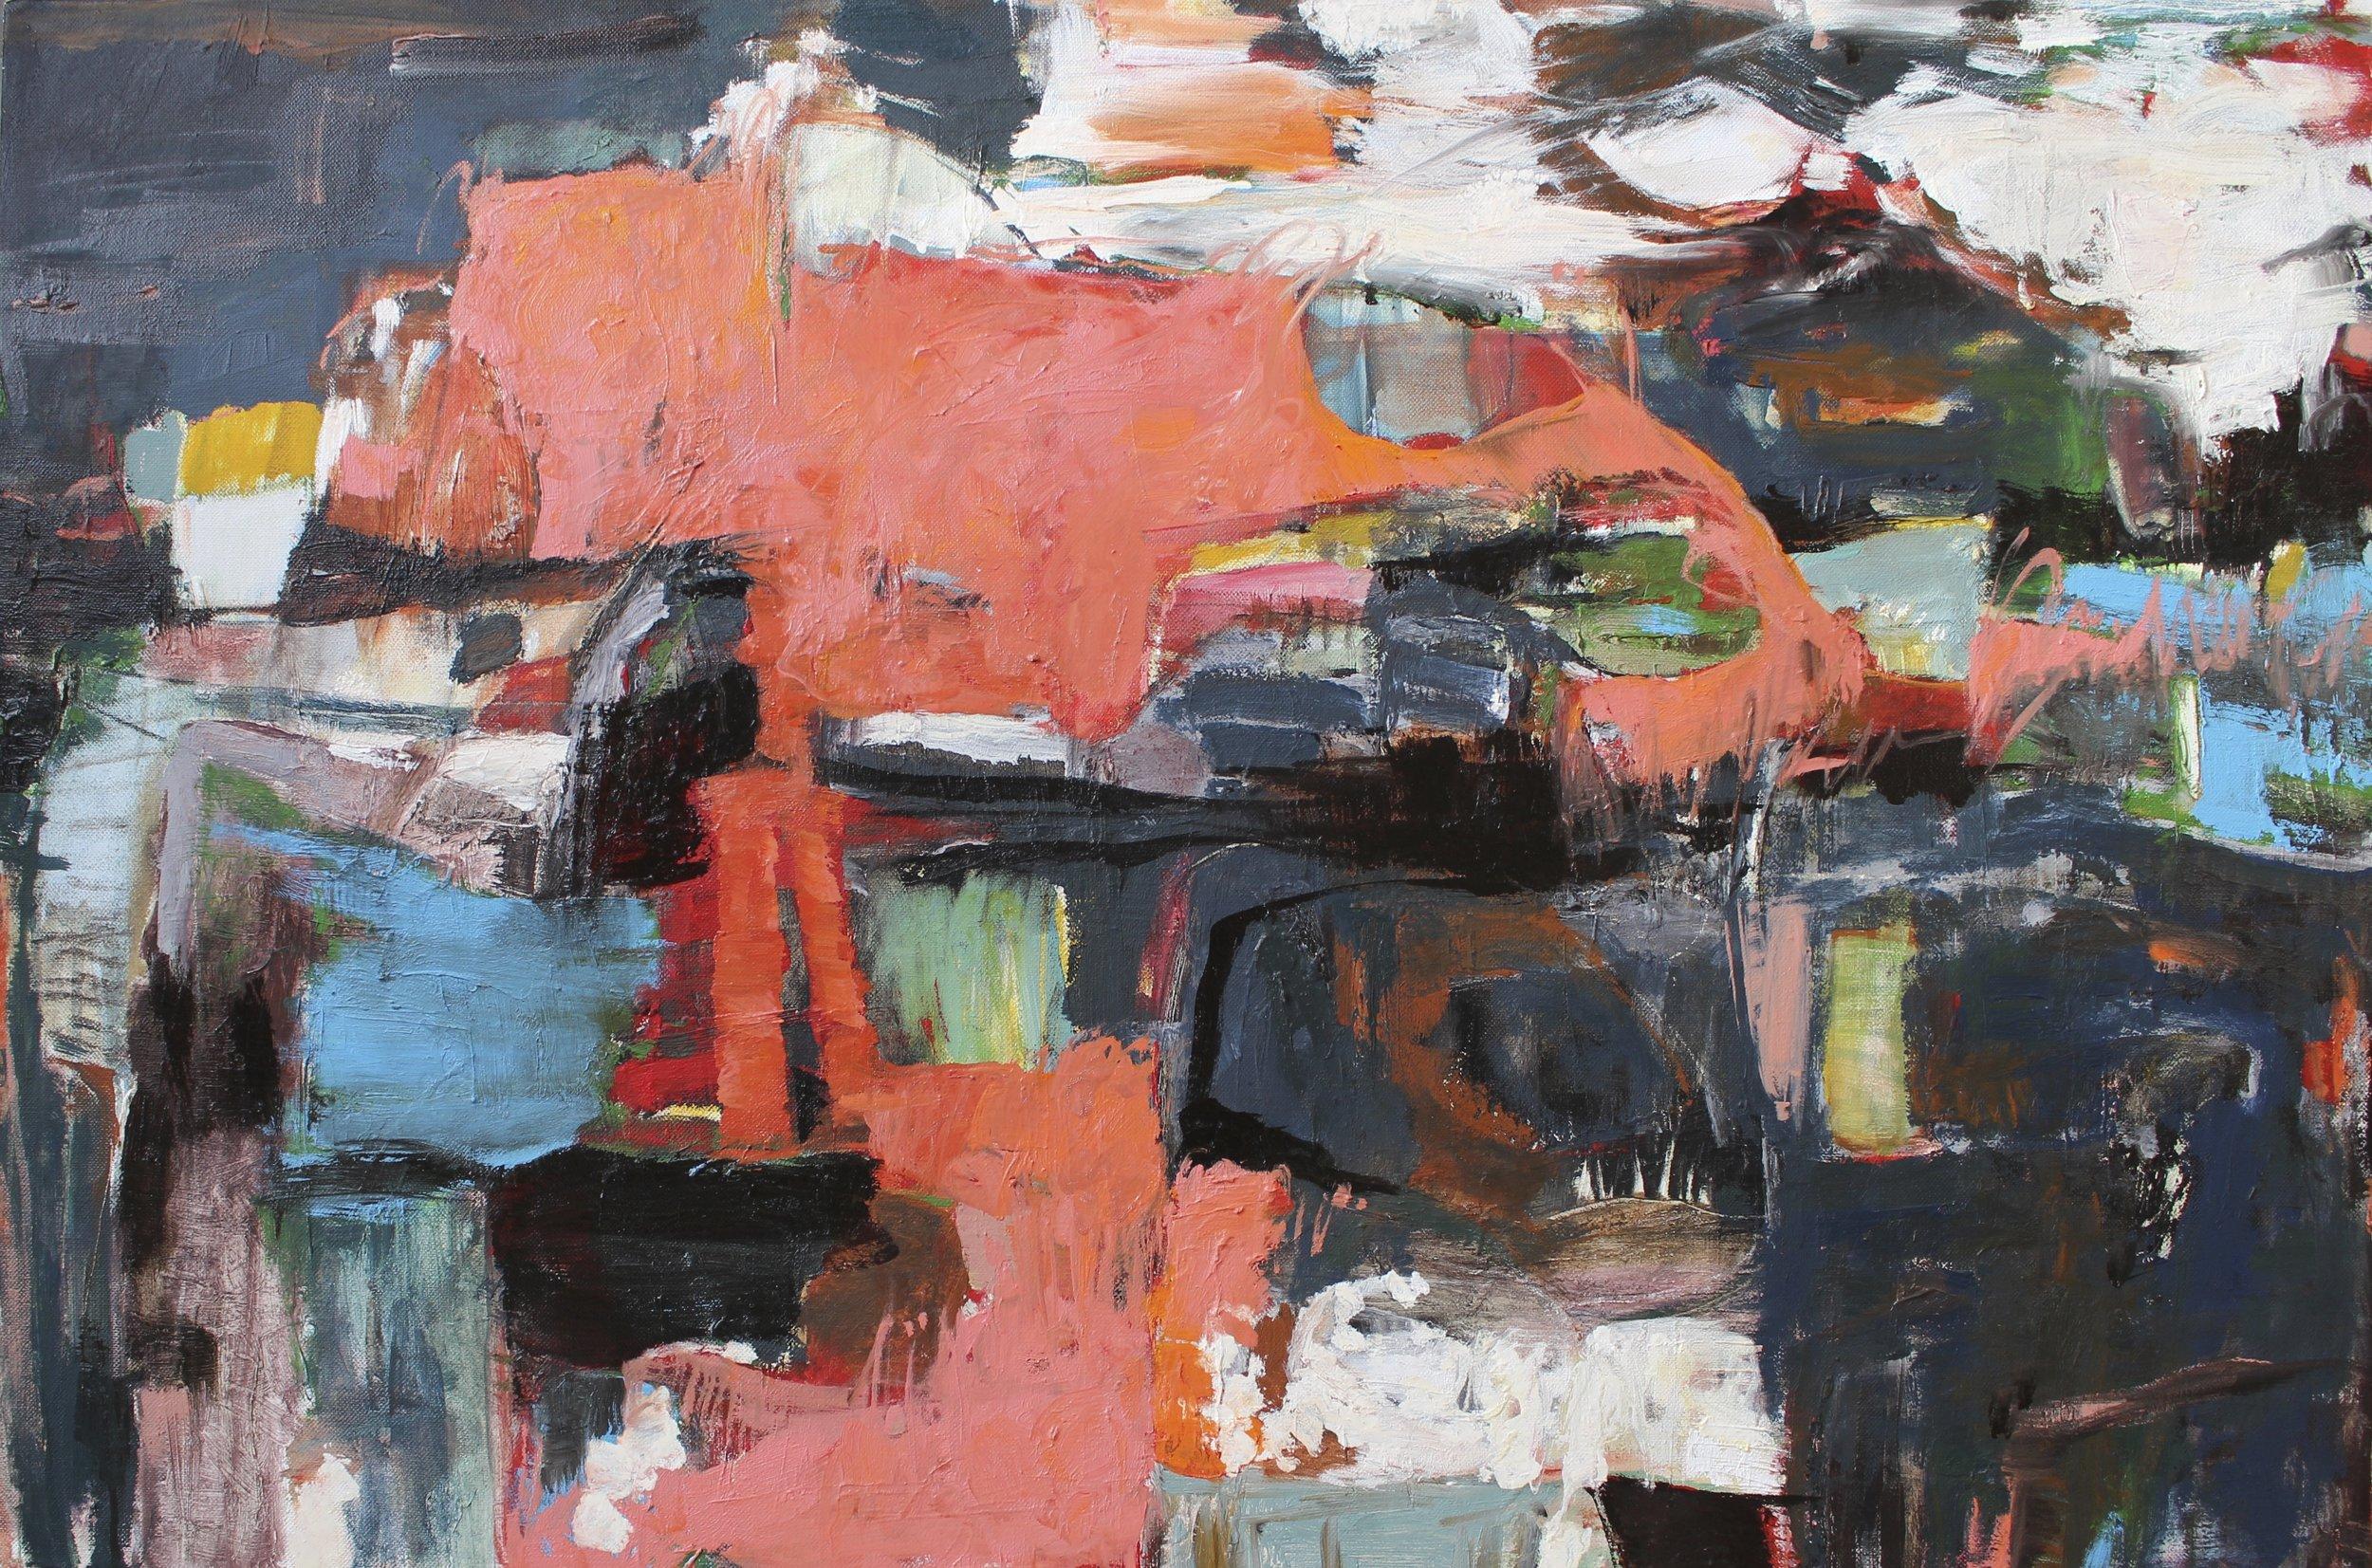 Ketu, 2016 / Oil on canvas, 24 x 36 / SOLD